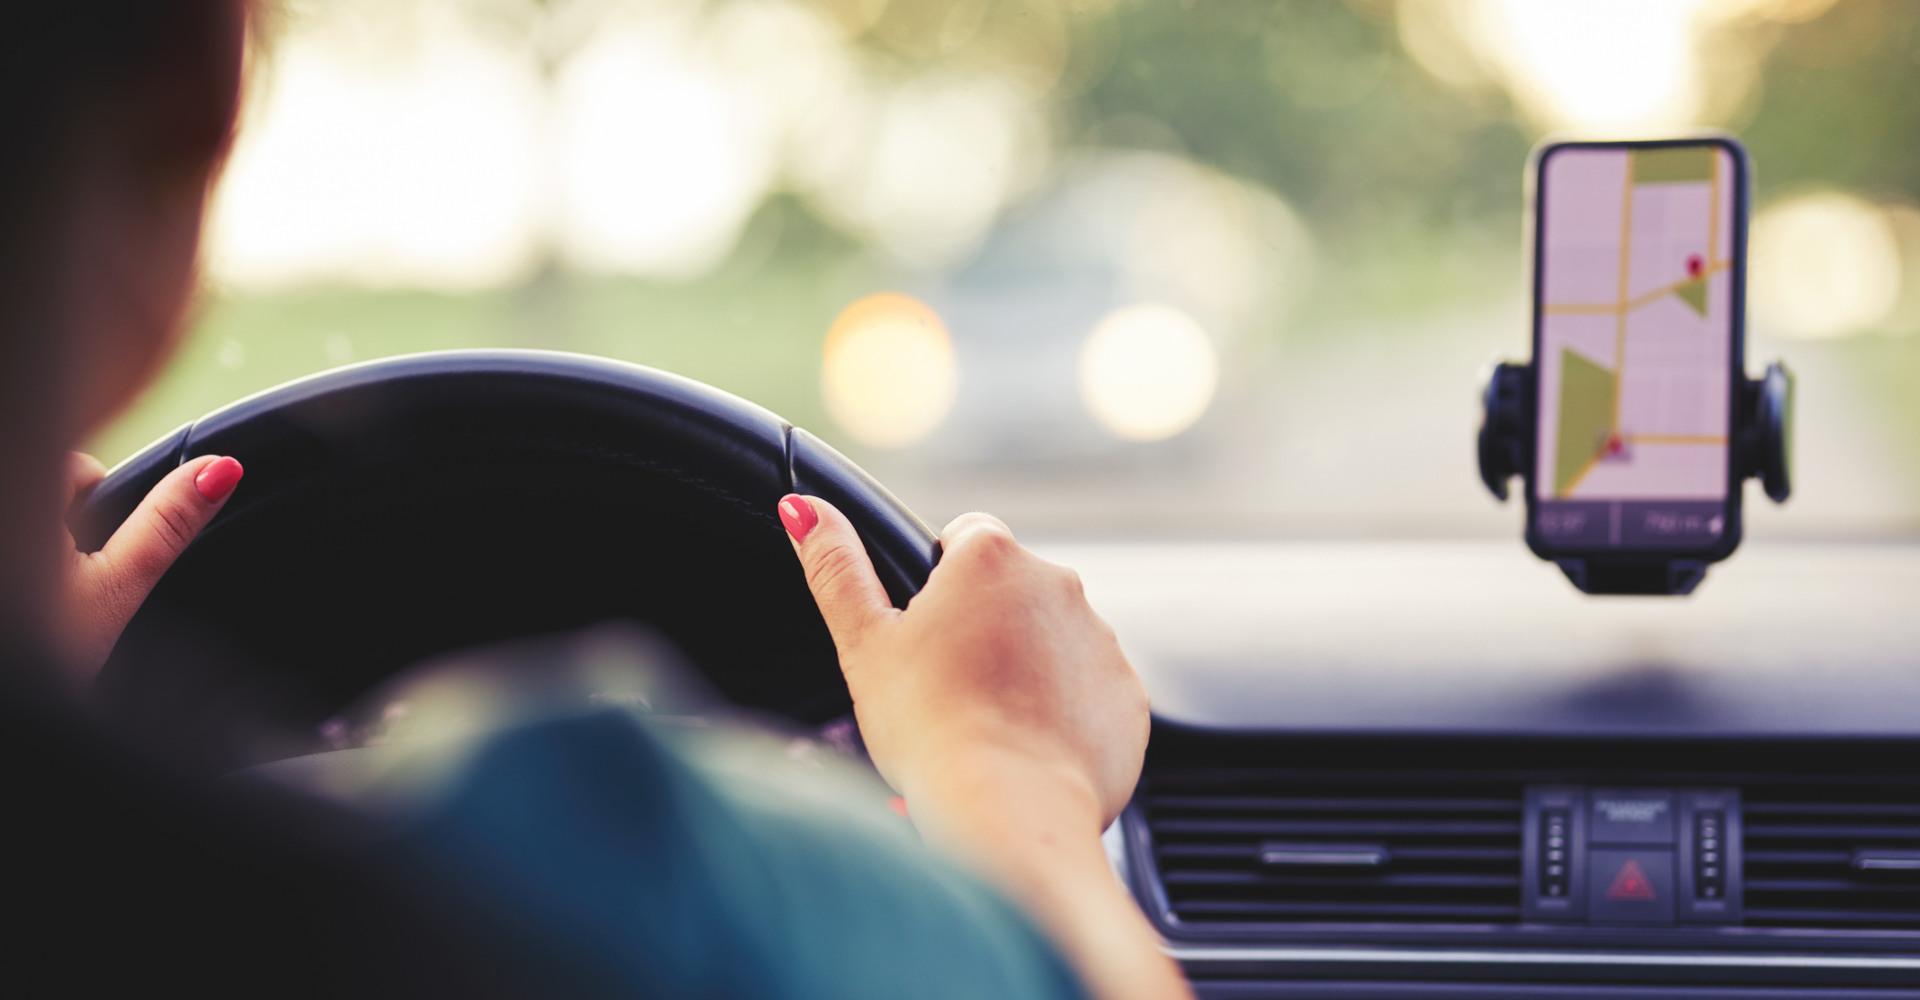 Frau fährt mit dem Auto, nutzt Google Maps auf dem Handy